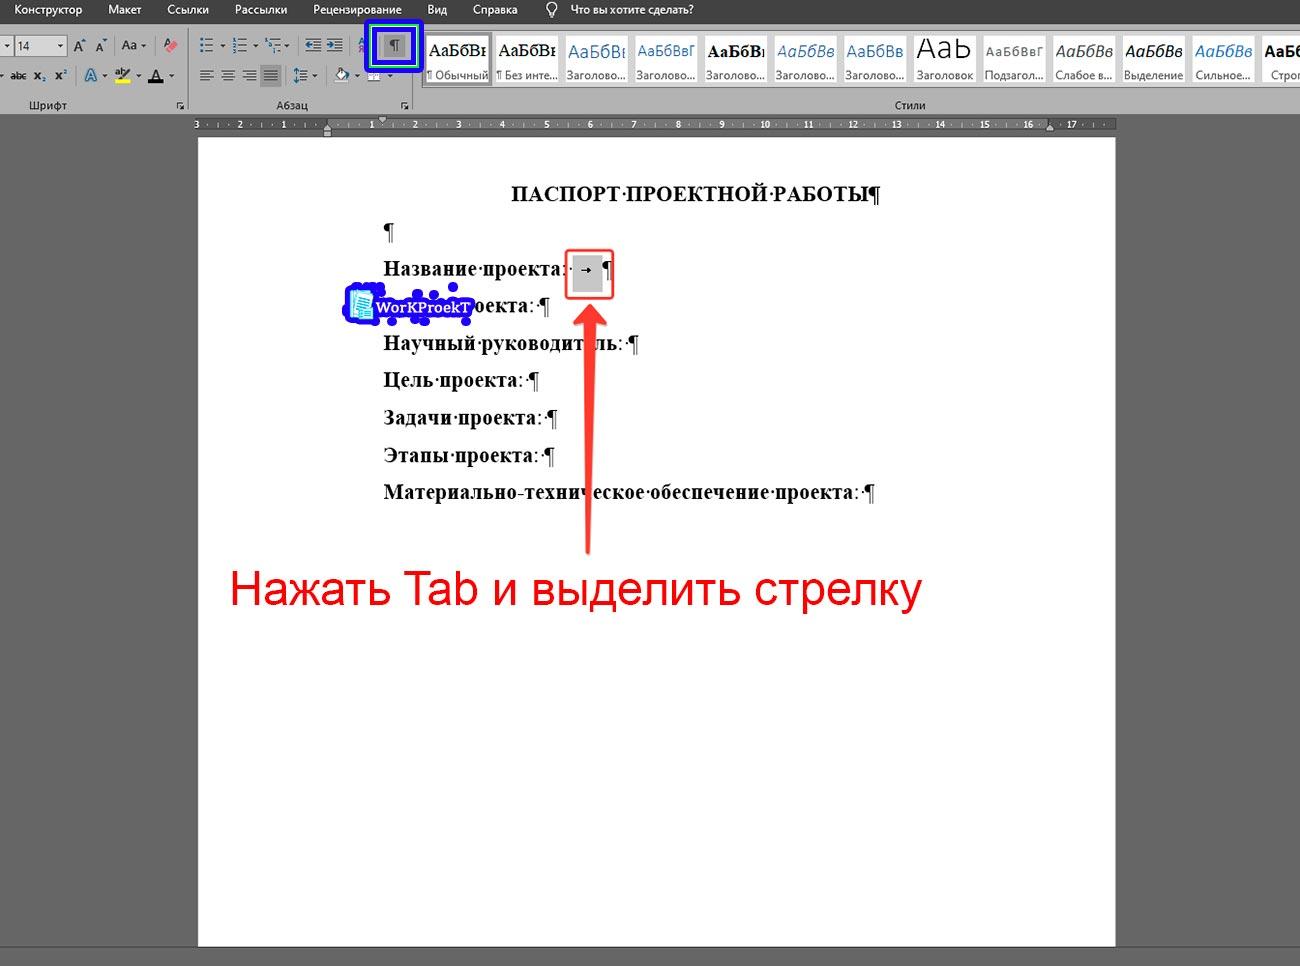 Создание строки табуляцией для заполнения паспорта проектной работы